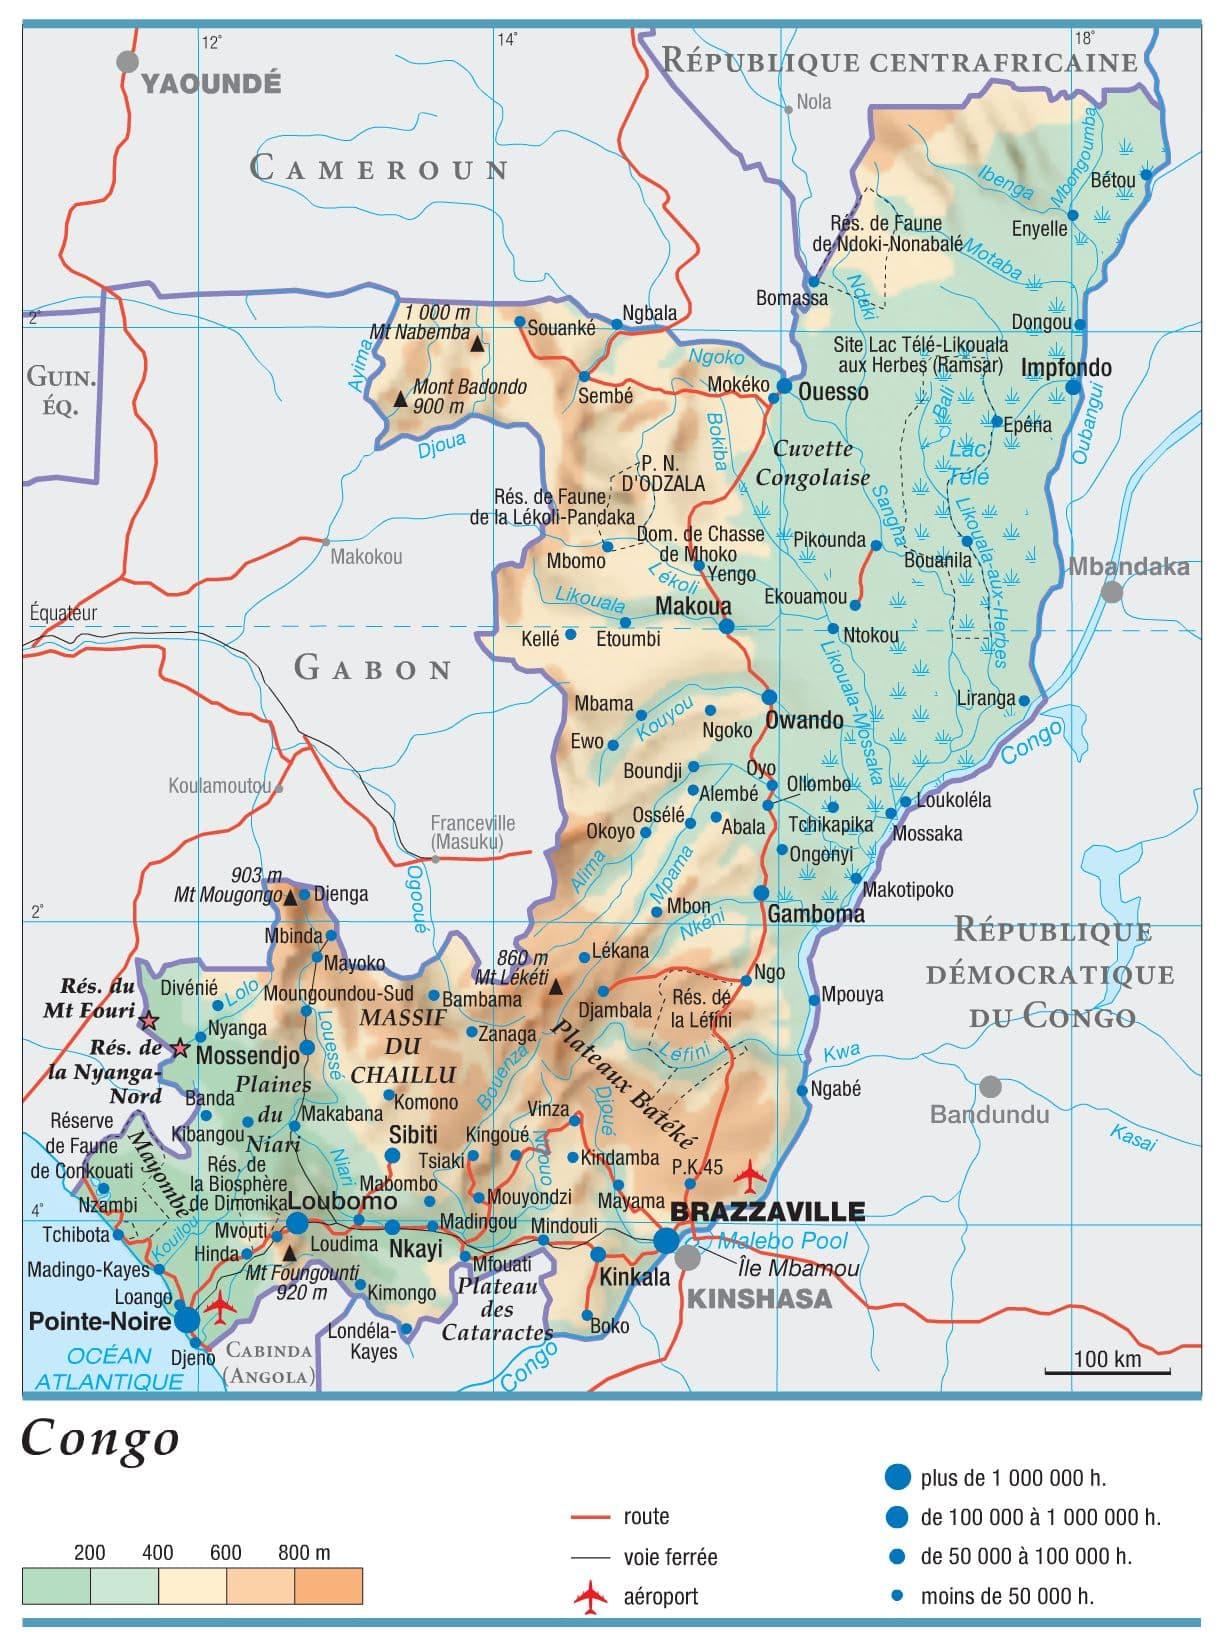 Afrique Congo Brazza Histoire Audiovisuel actualité information